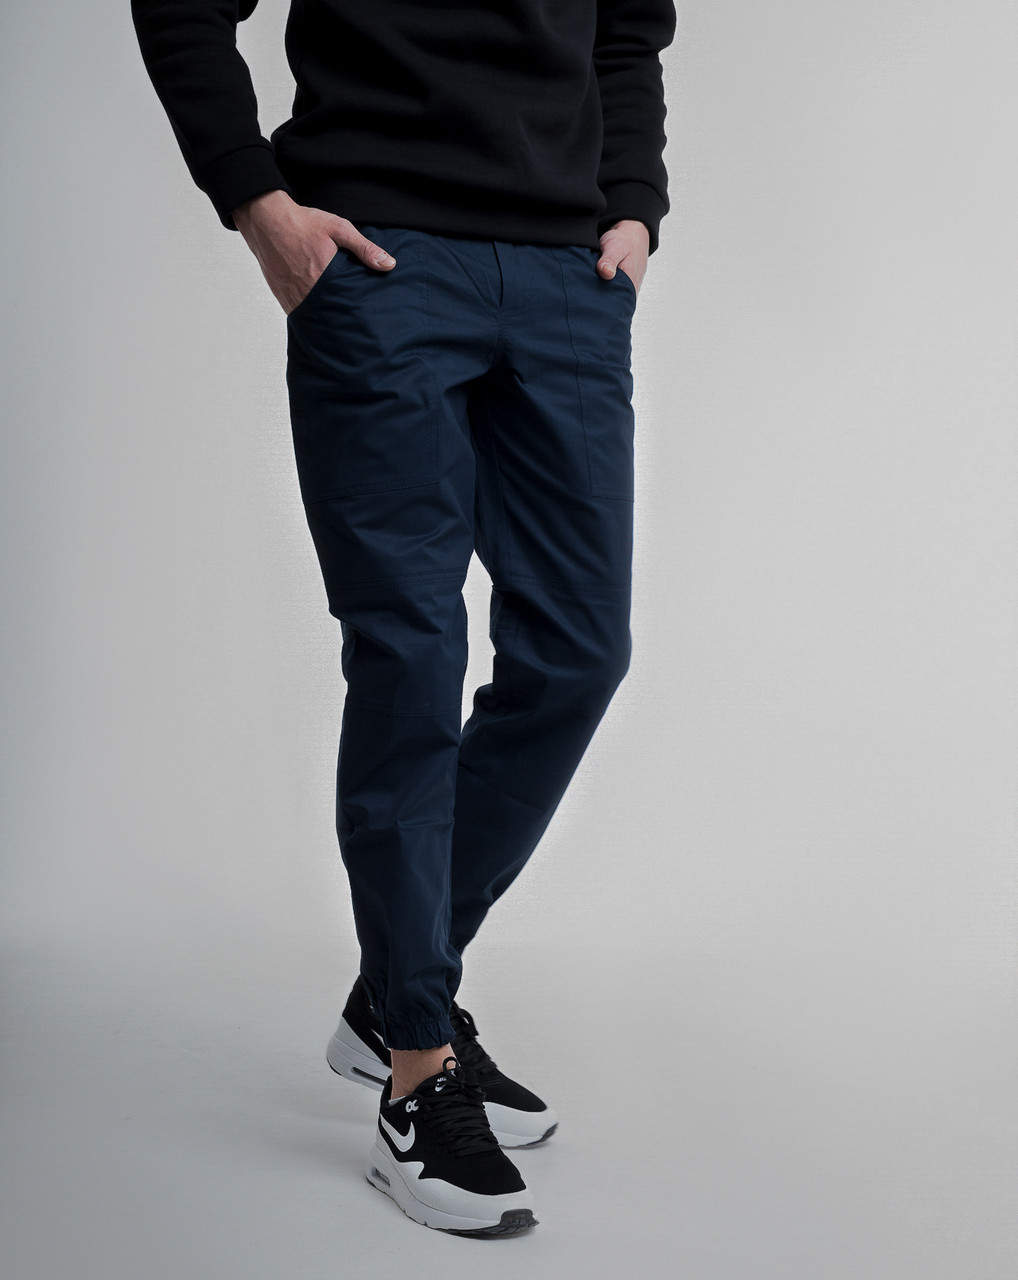 Зауженные штаны джоггеры мужские синие от бренда ТУР модель Локи (Loki) размер S, M, L, XL